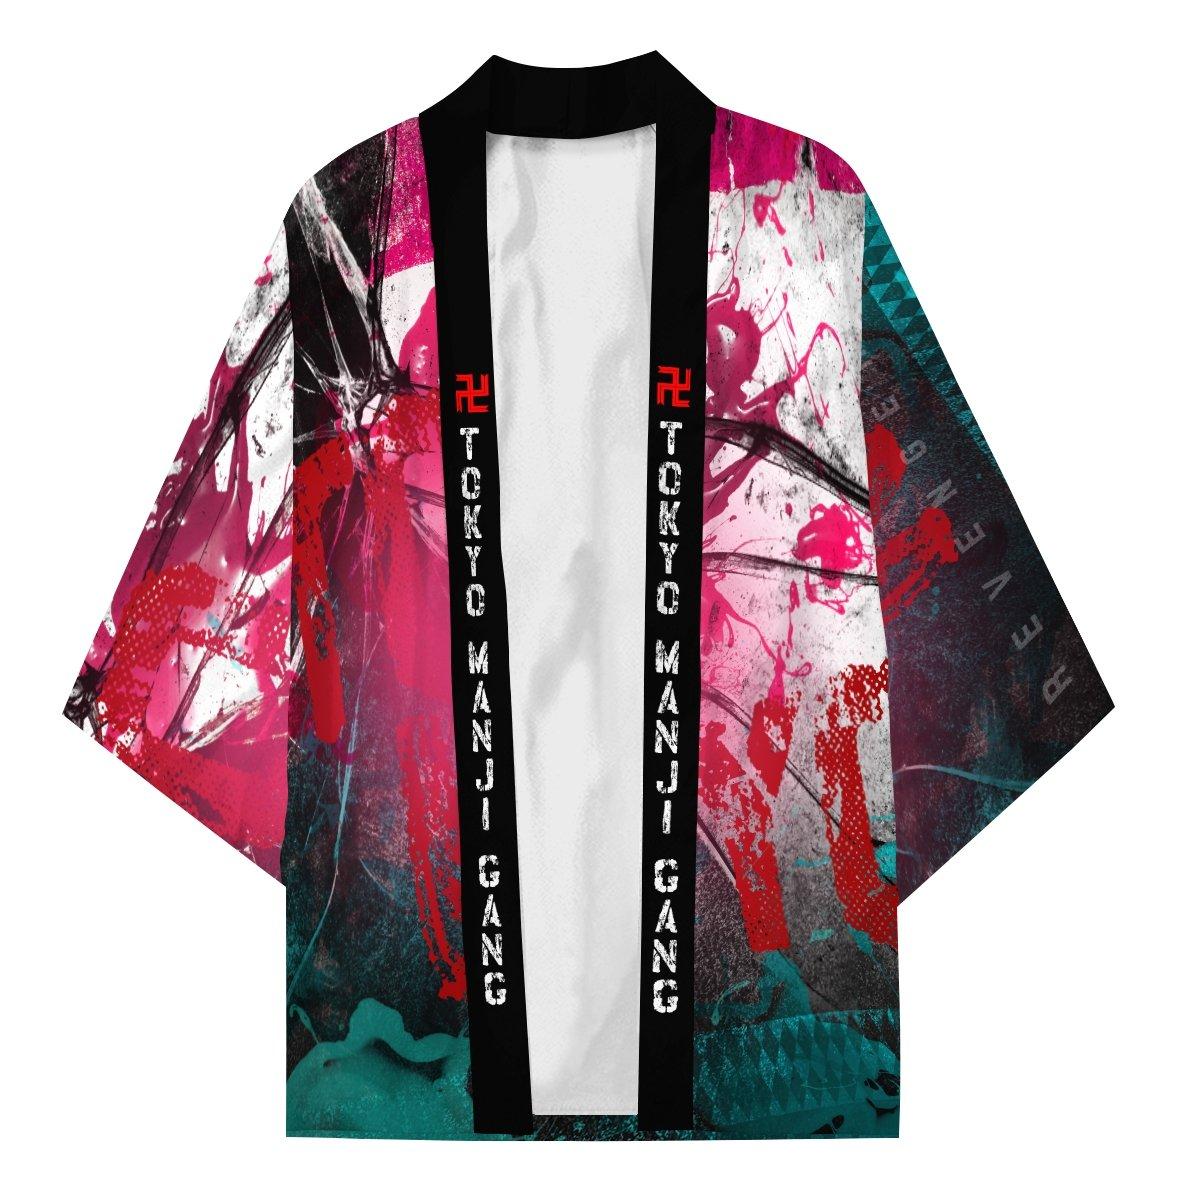 tokyo manji gang kimono 716819 - Otaku Treat